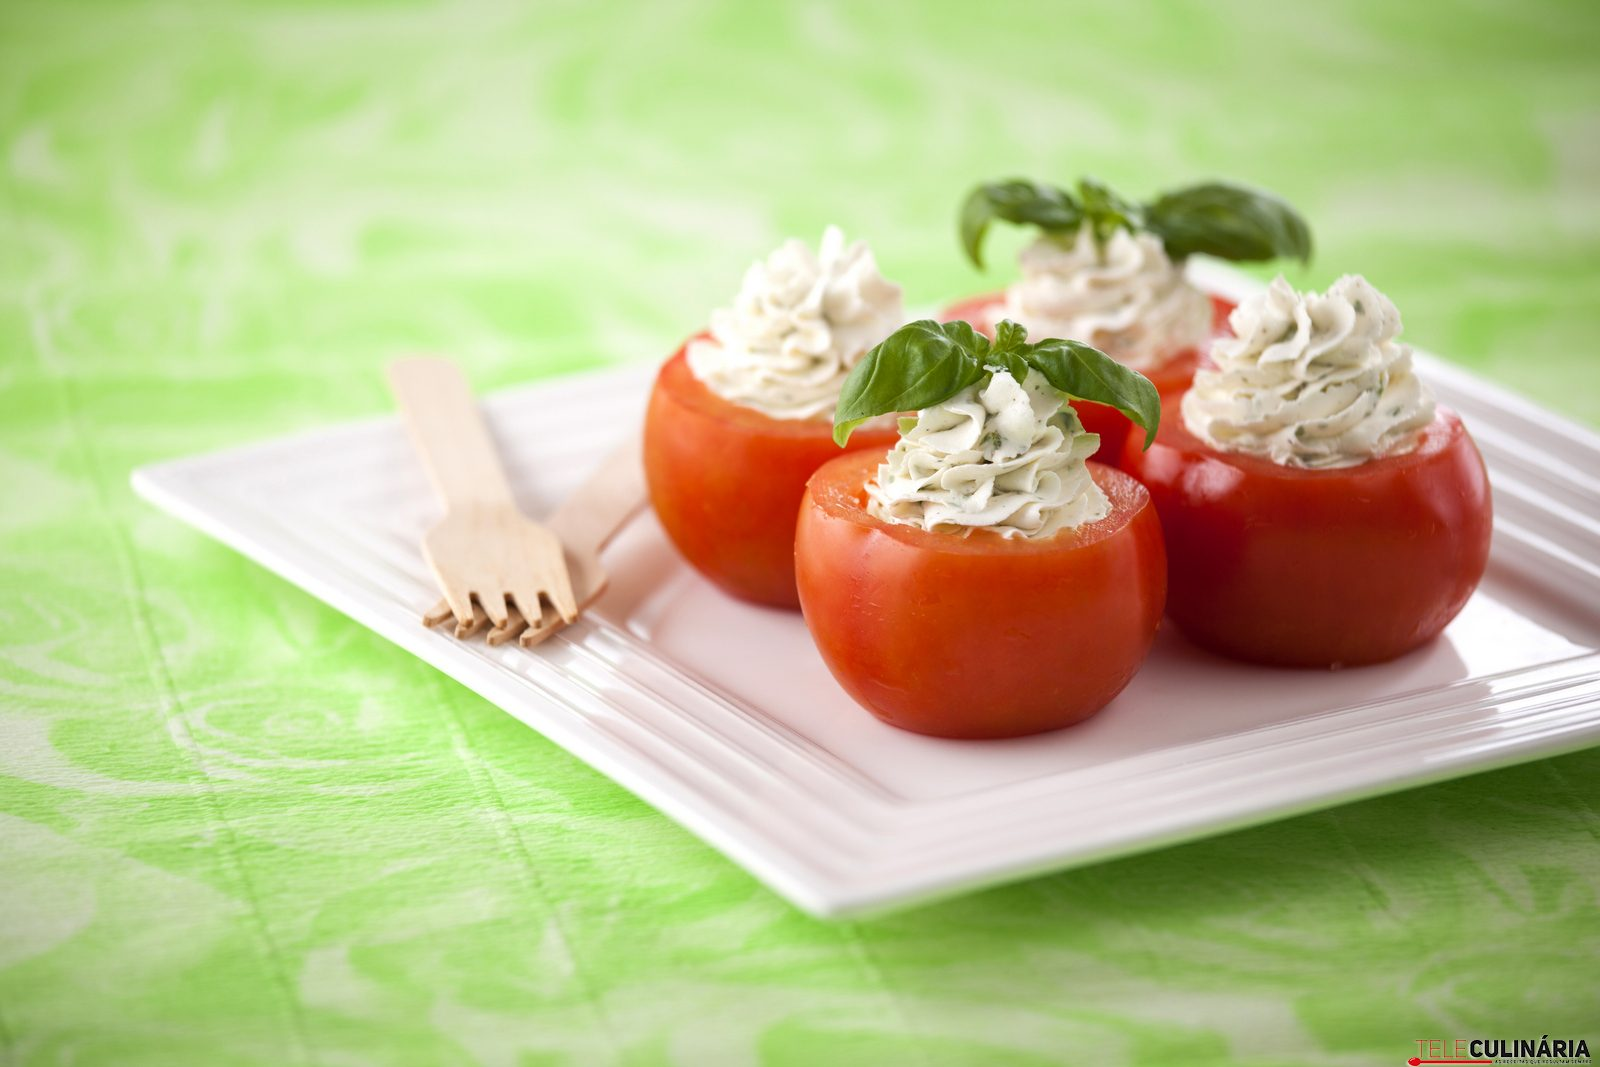 Tomates Recheados com Queijo Filadelfia e Ervas TC 006